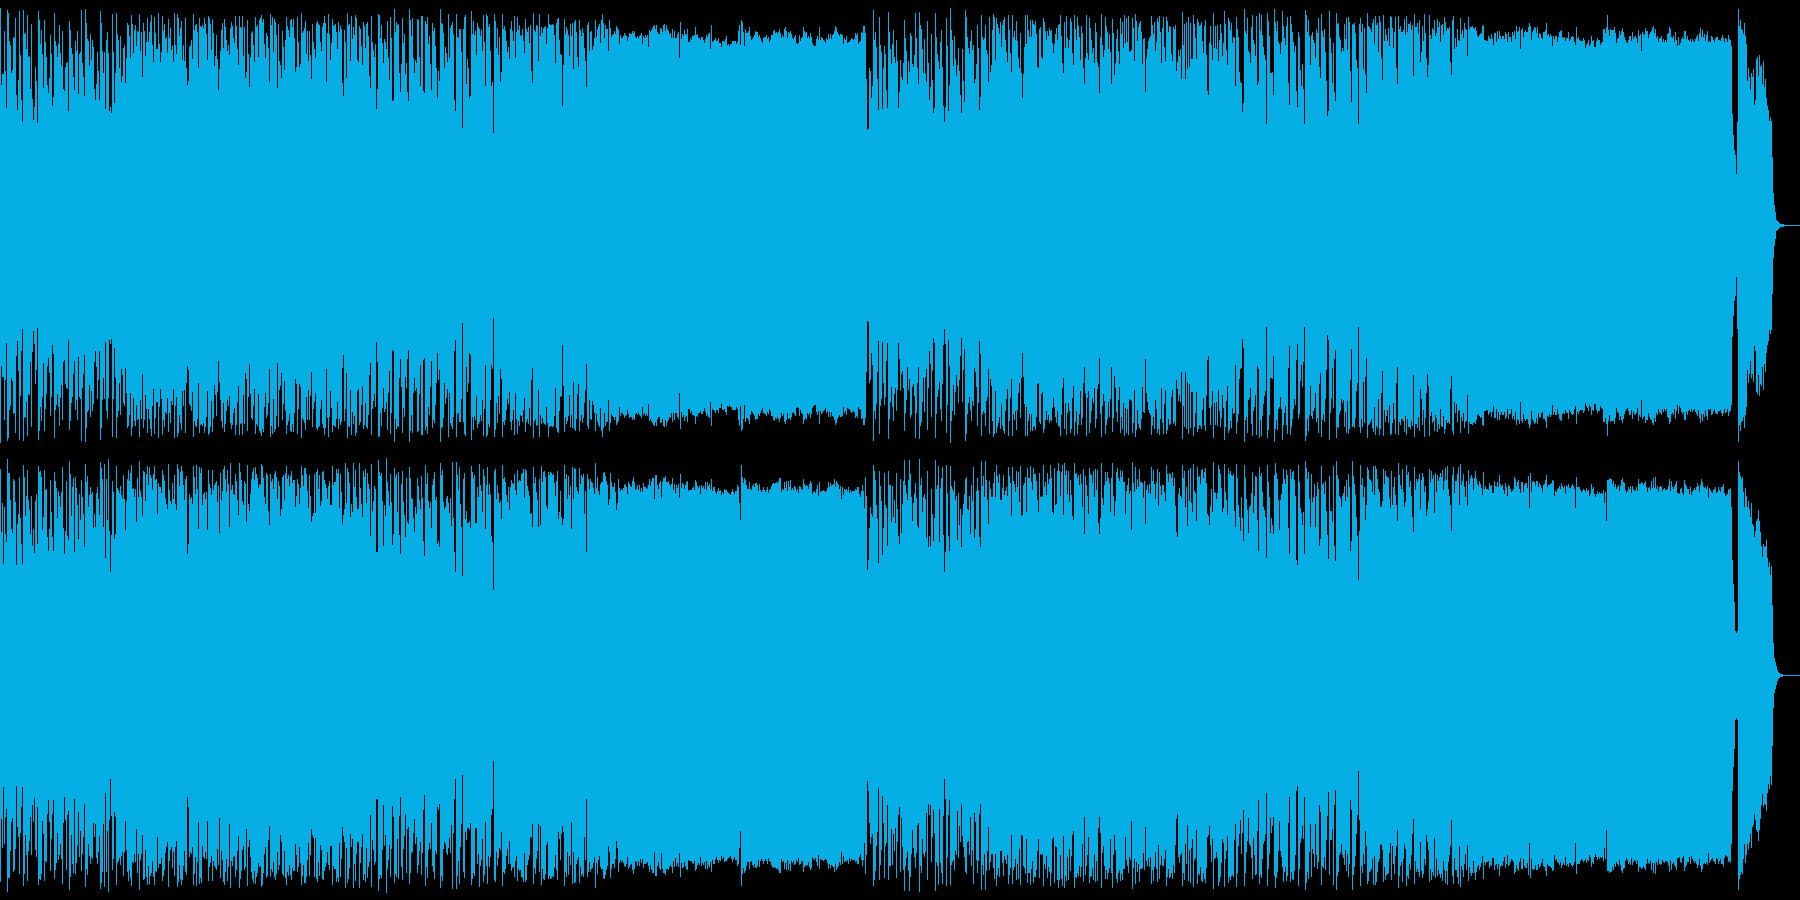 ダークファンタジーオーケストラ アルペ抜の再生済みの波形